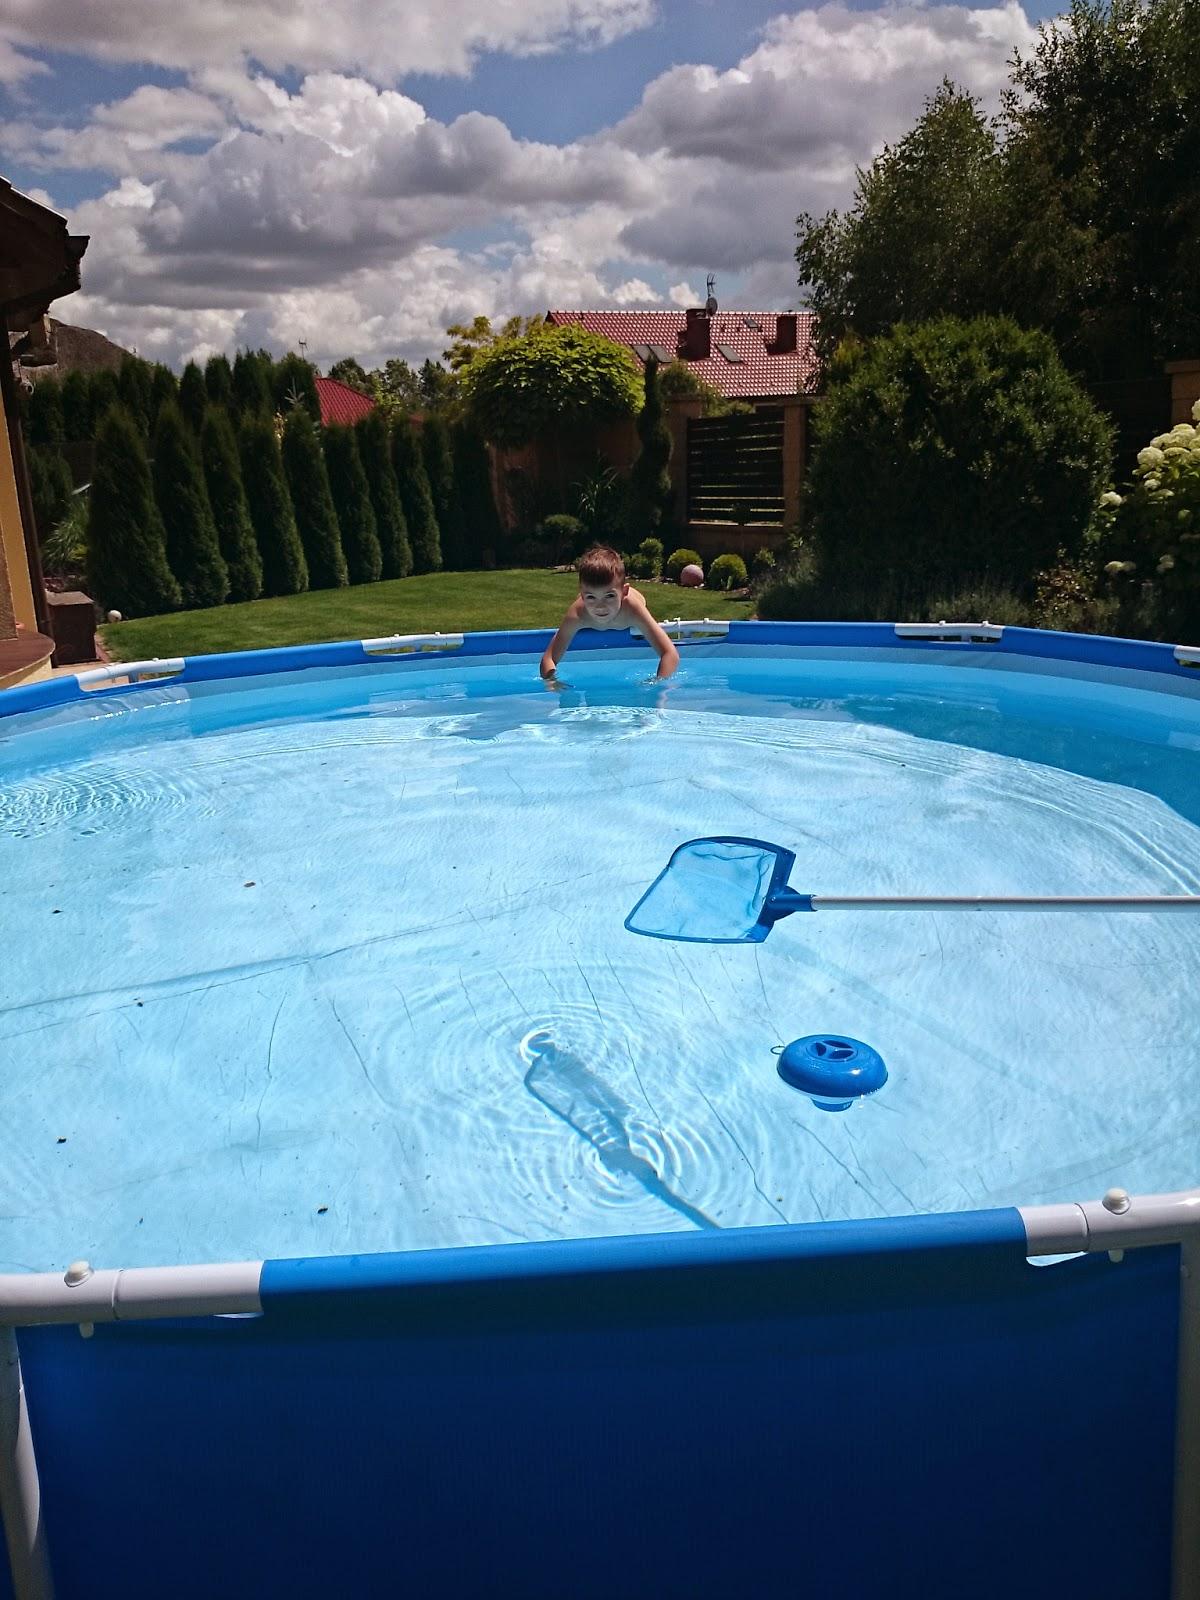 czyszczenie basenu,odkurzacz basenowy,siatka do basenu,szczecin,blog lifestyle,dom i ogród,jak czyścić basen,jak dbać o basen